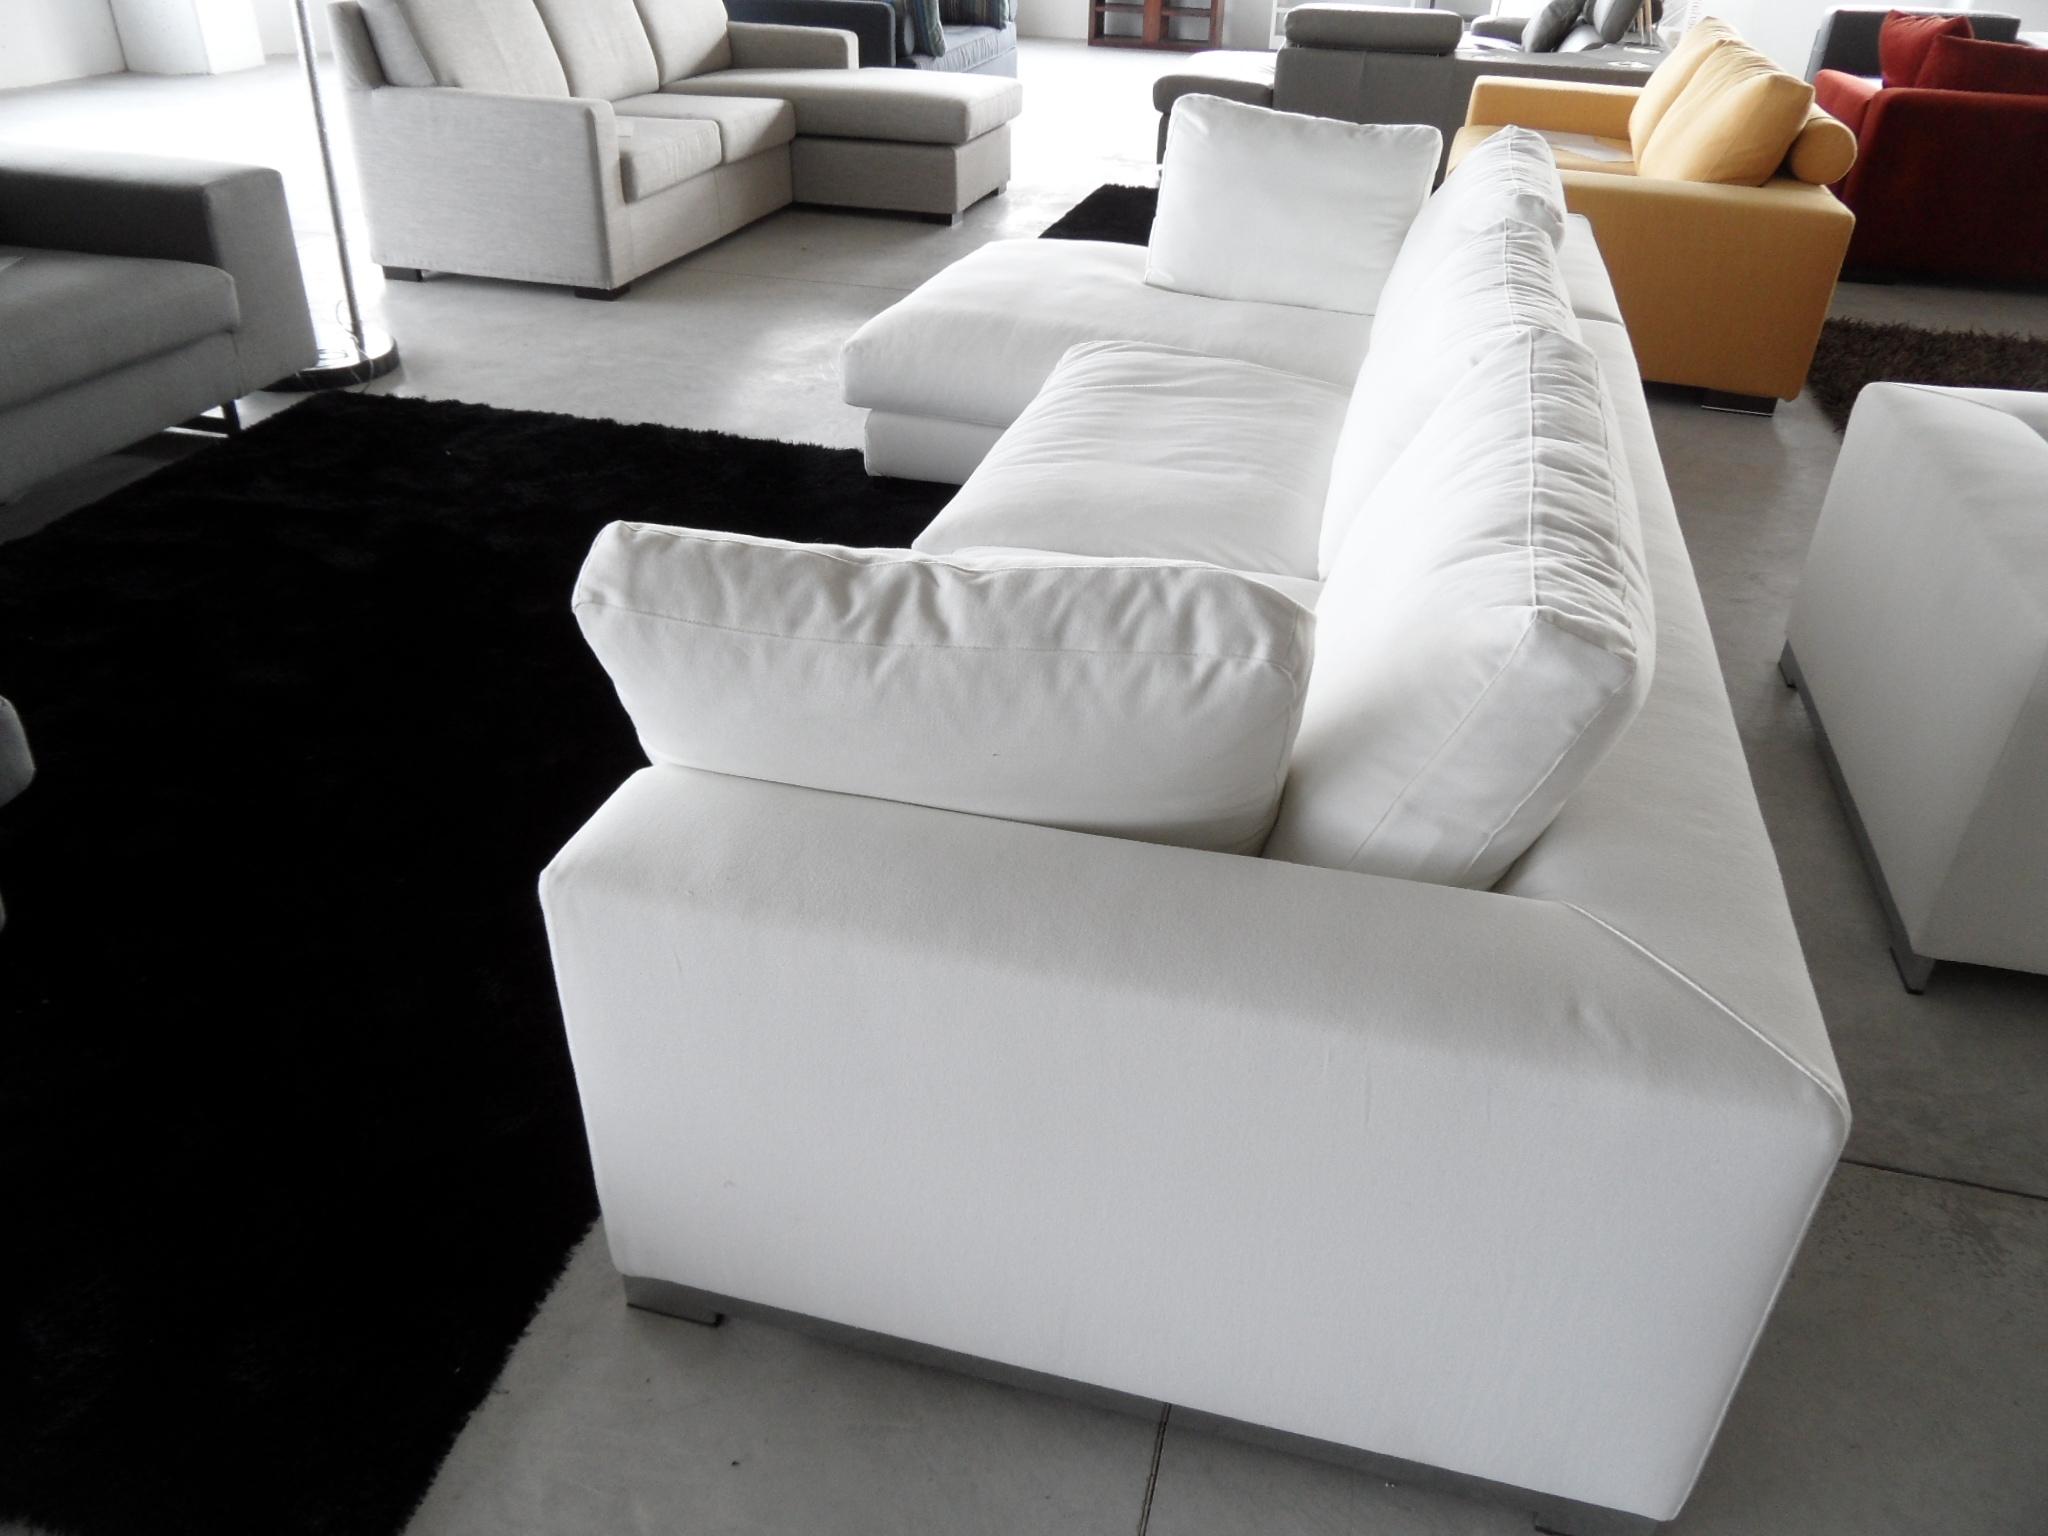 Divano angolare scontato del 40 divani a prezzi scontati - Divano angolare bianco ...